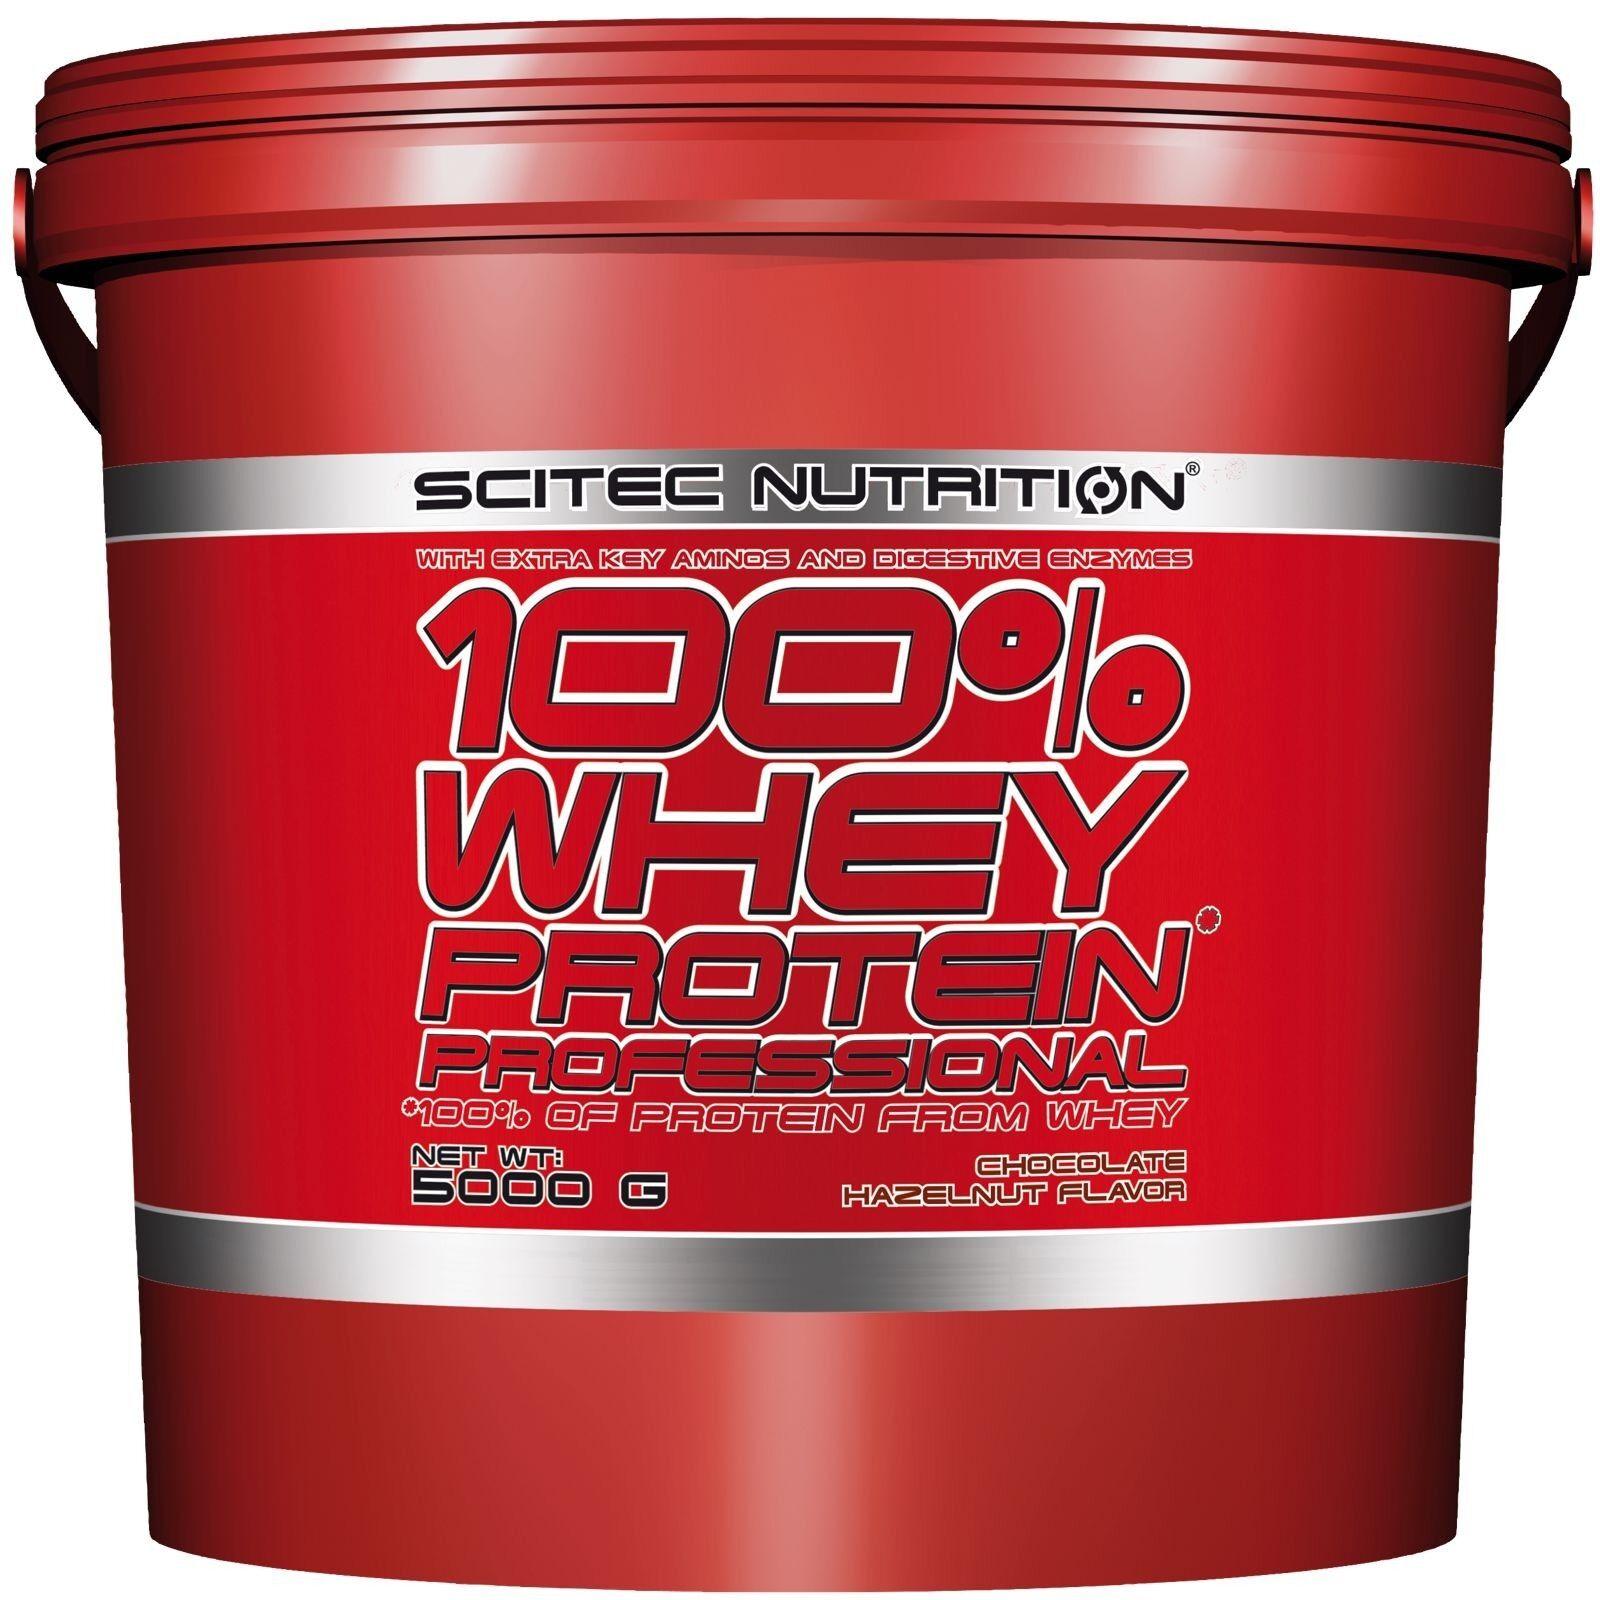 SCITEC NUTRITION 100% Whey Protein Professional 5 del Kg Proteine Siero del 5 Latte 9679b9